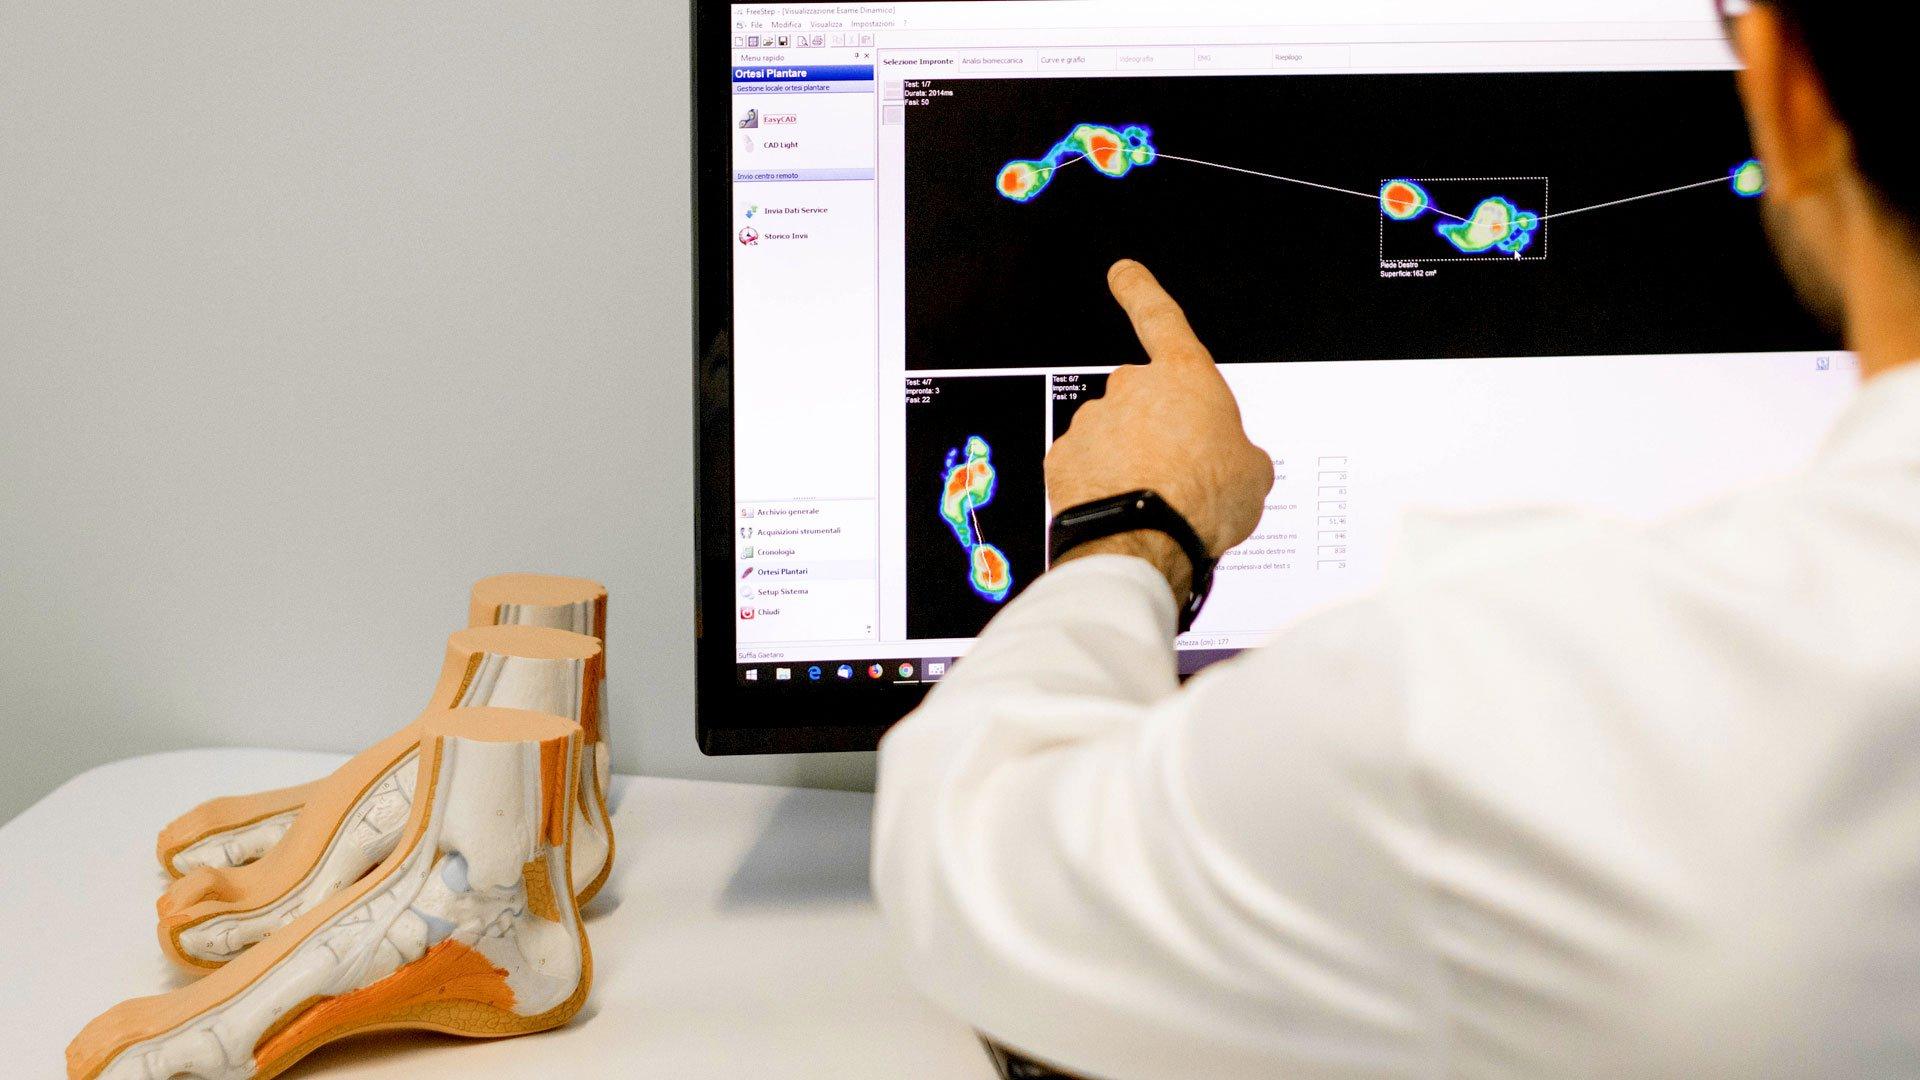 Ortopedia Marchetti effettua in studio a Sarnico Bergamo l'esame del passo con pedana baropodometrica